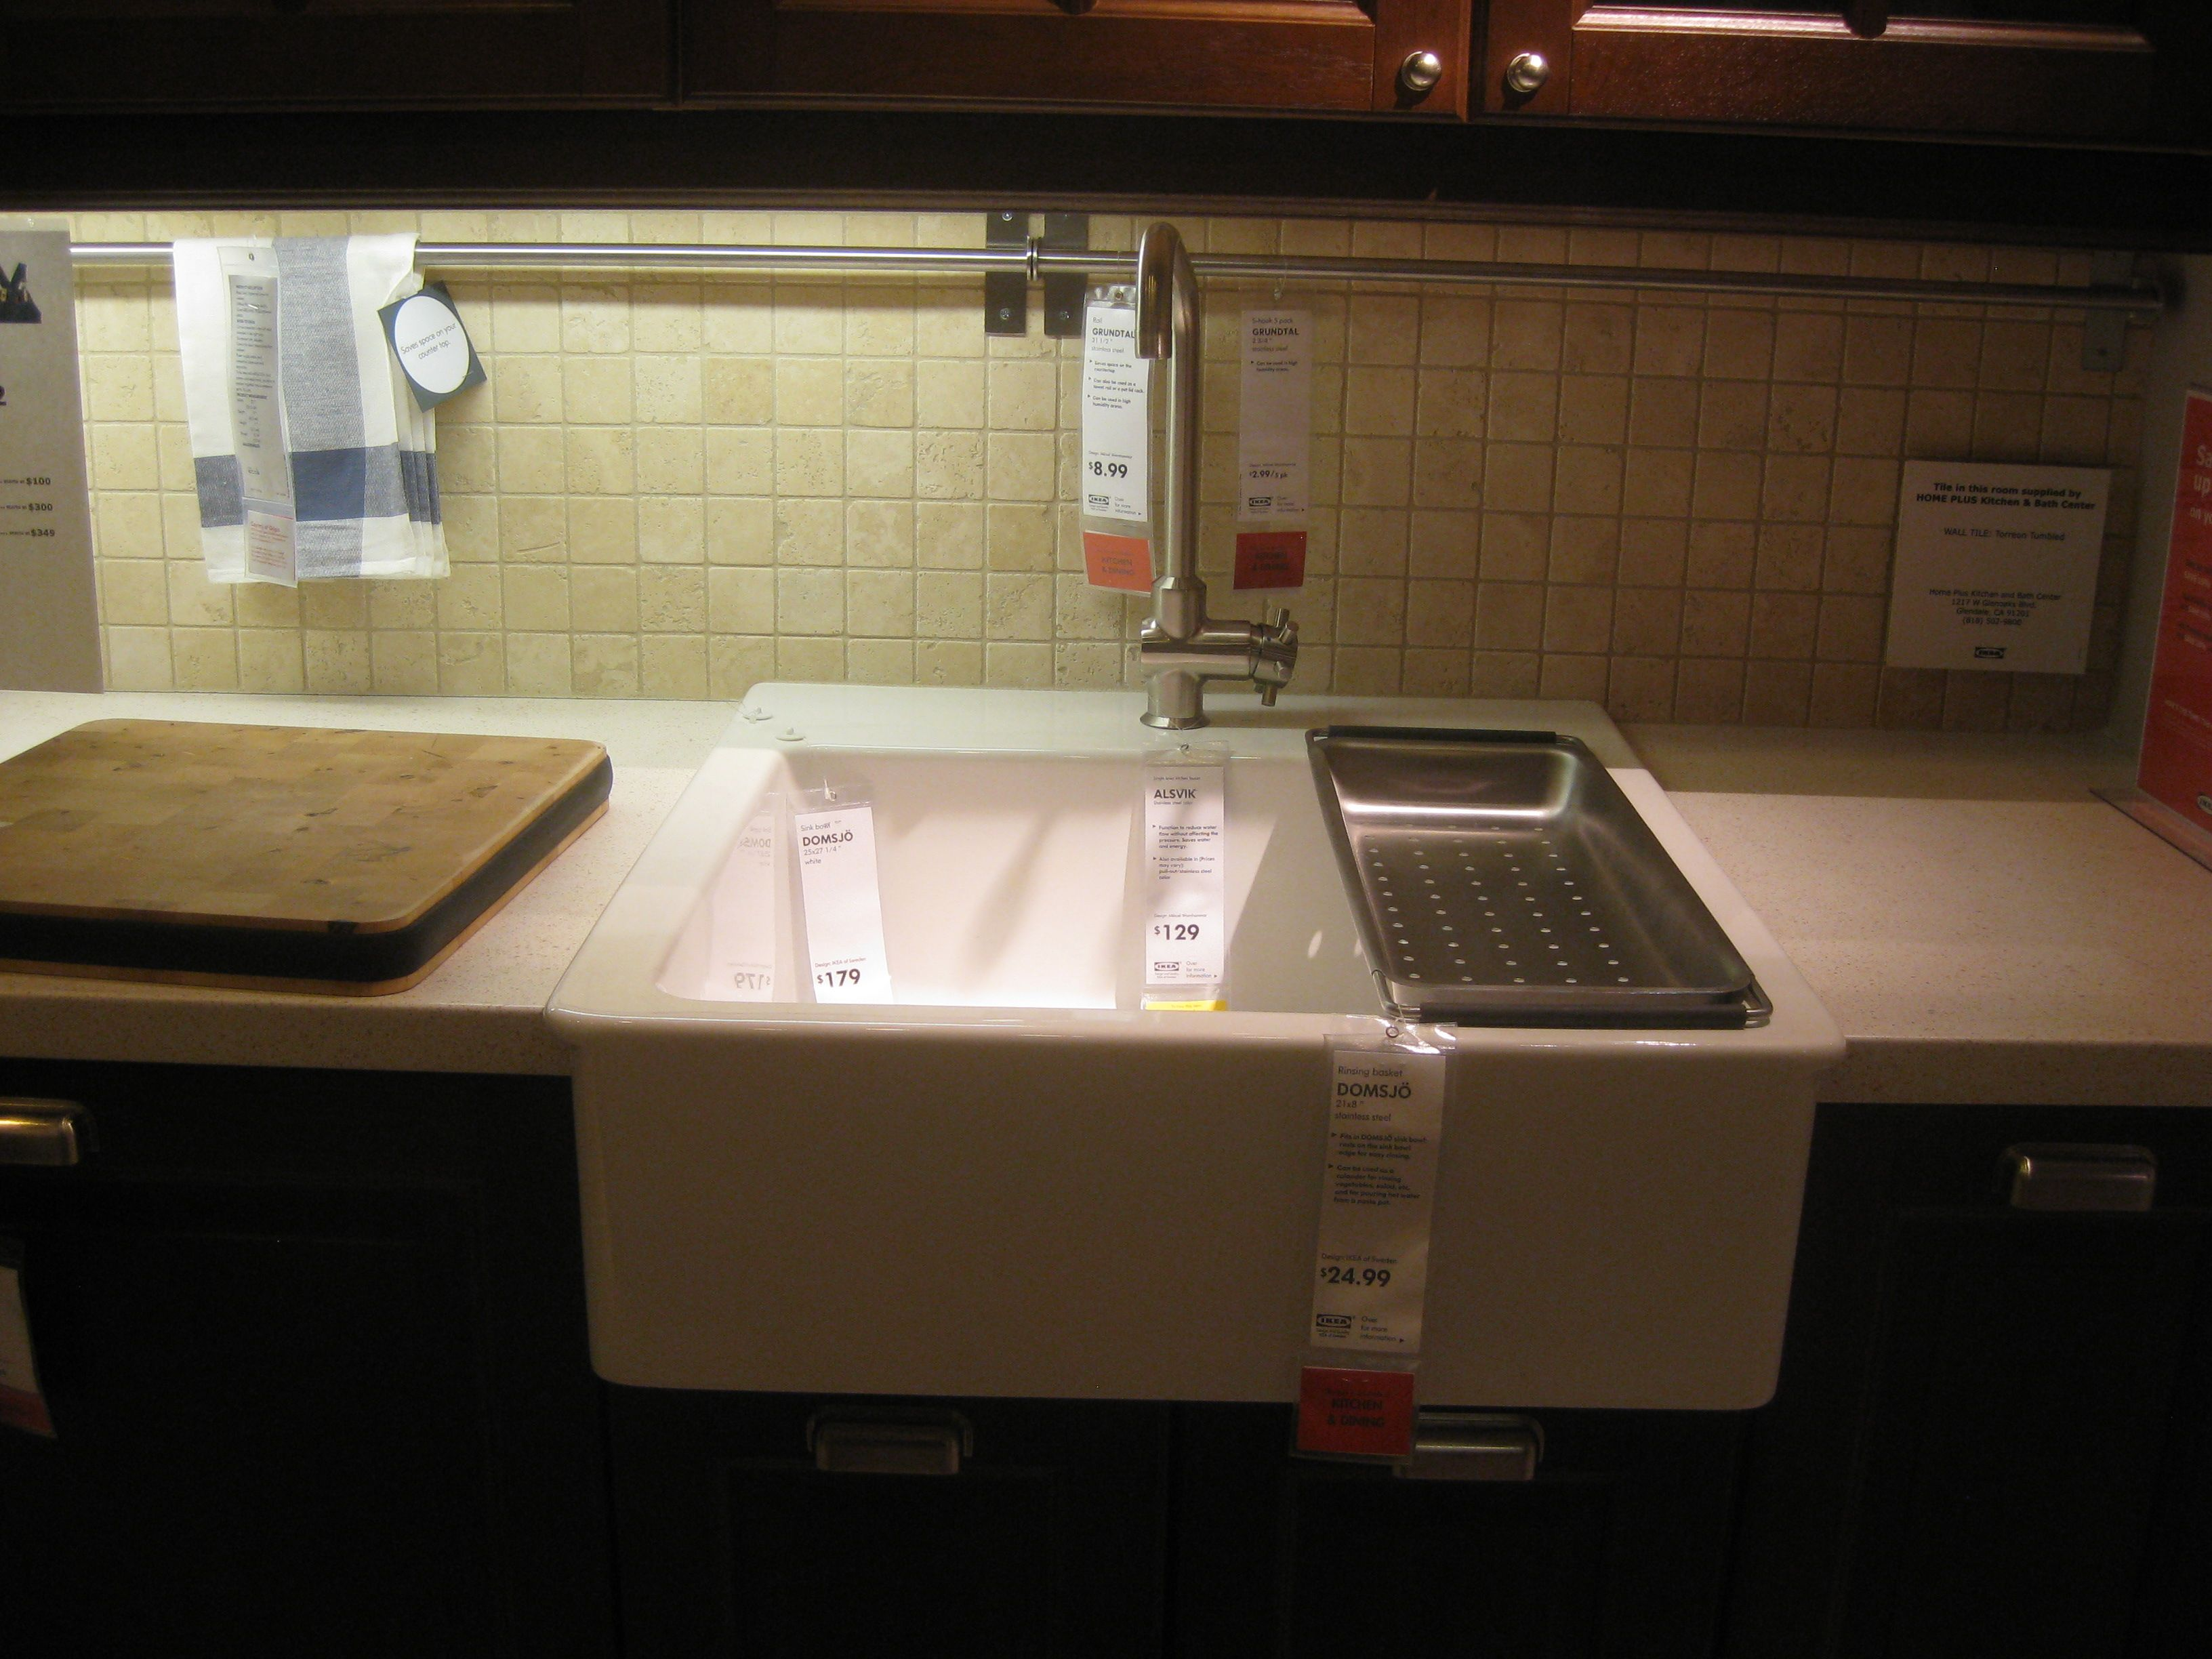 Ikea kitchen sink domsjo domsjo sink pinterest for Ikea kitchen sink domsjo